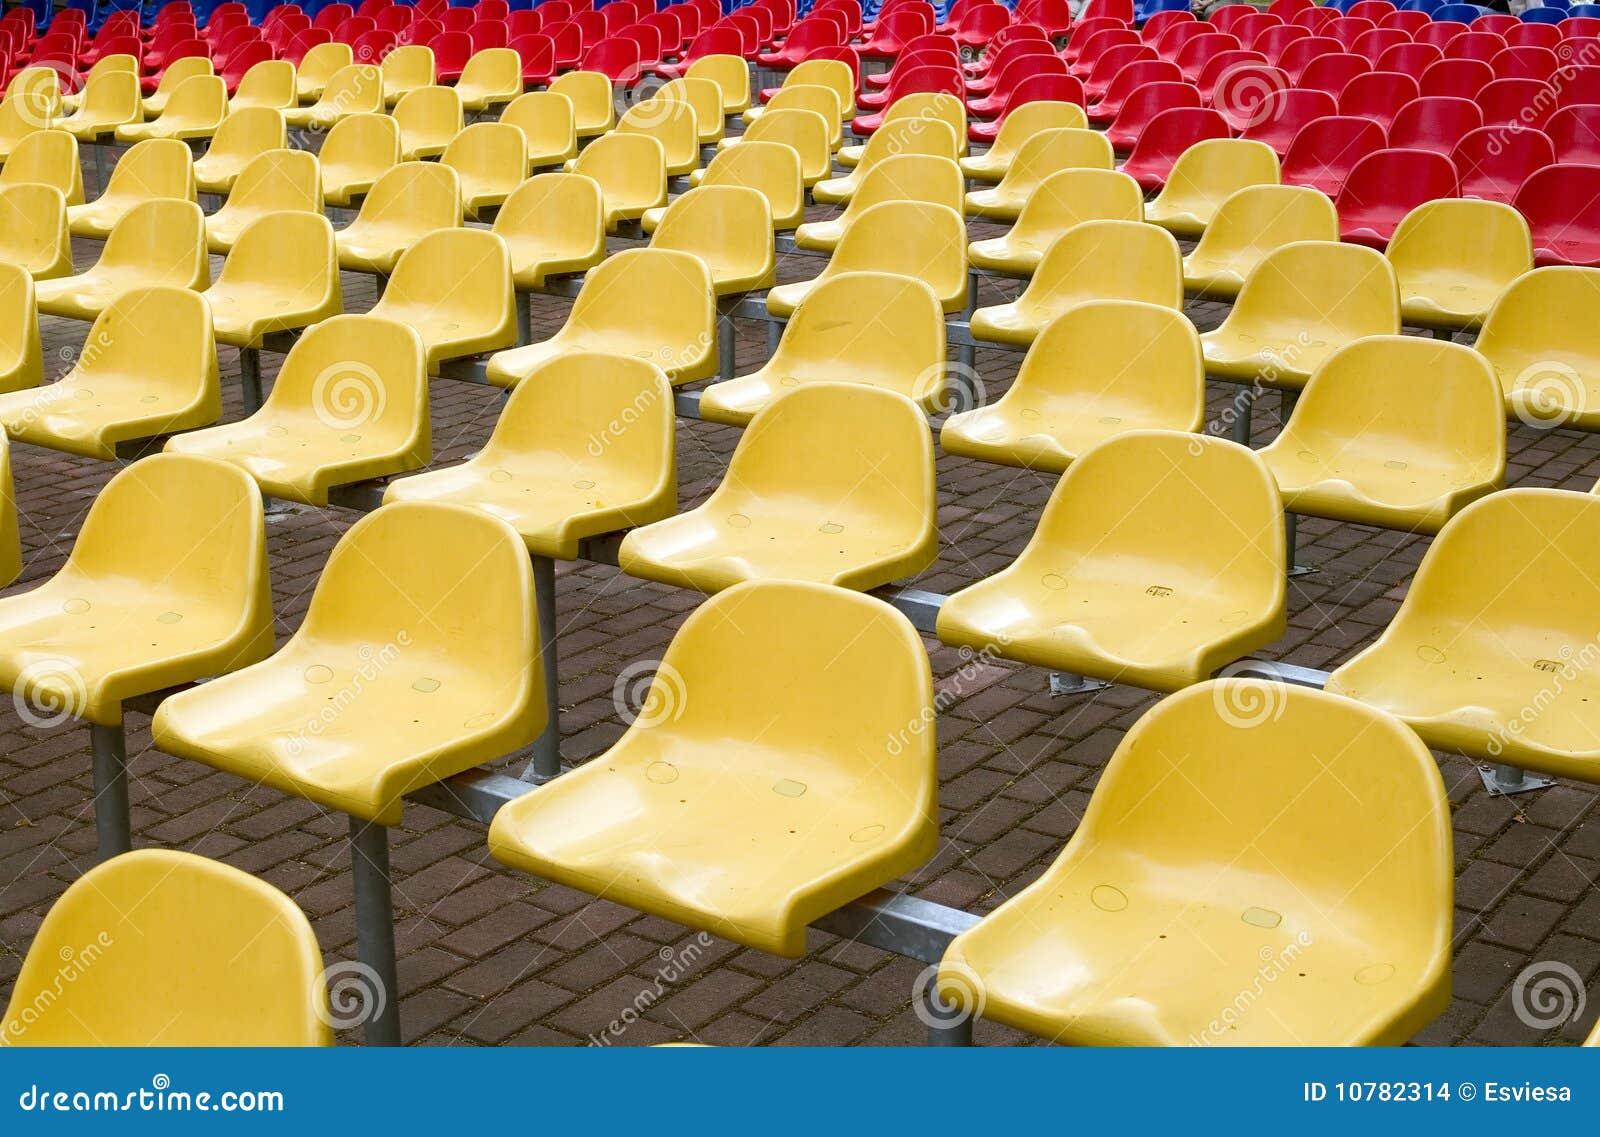 Stoelen in rode en gele kleuren